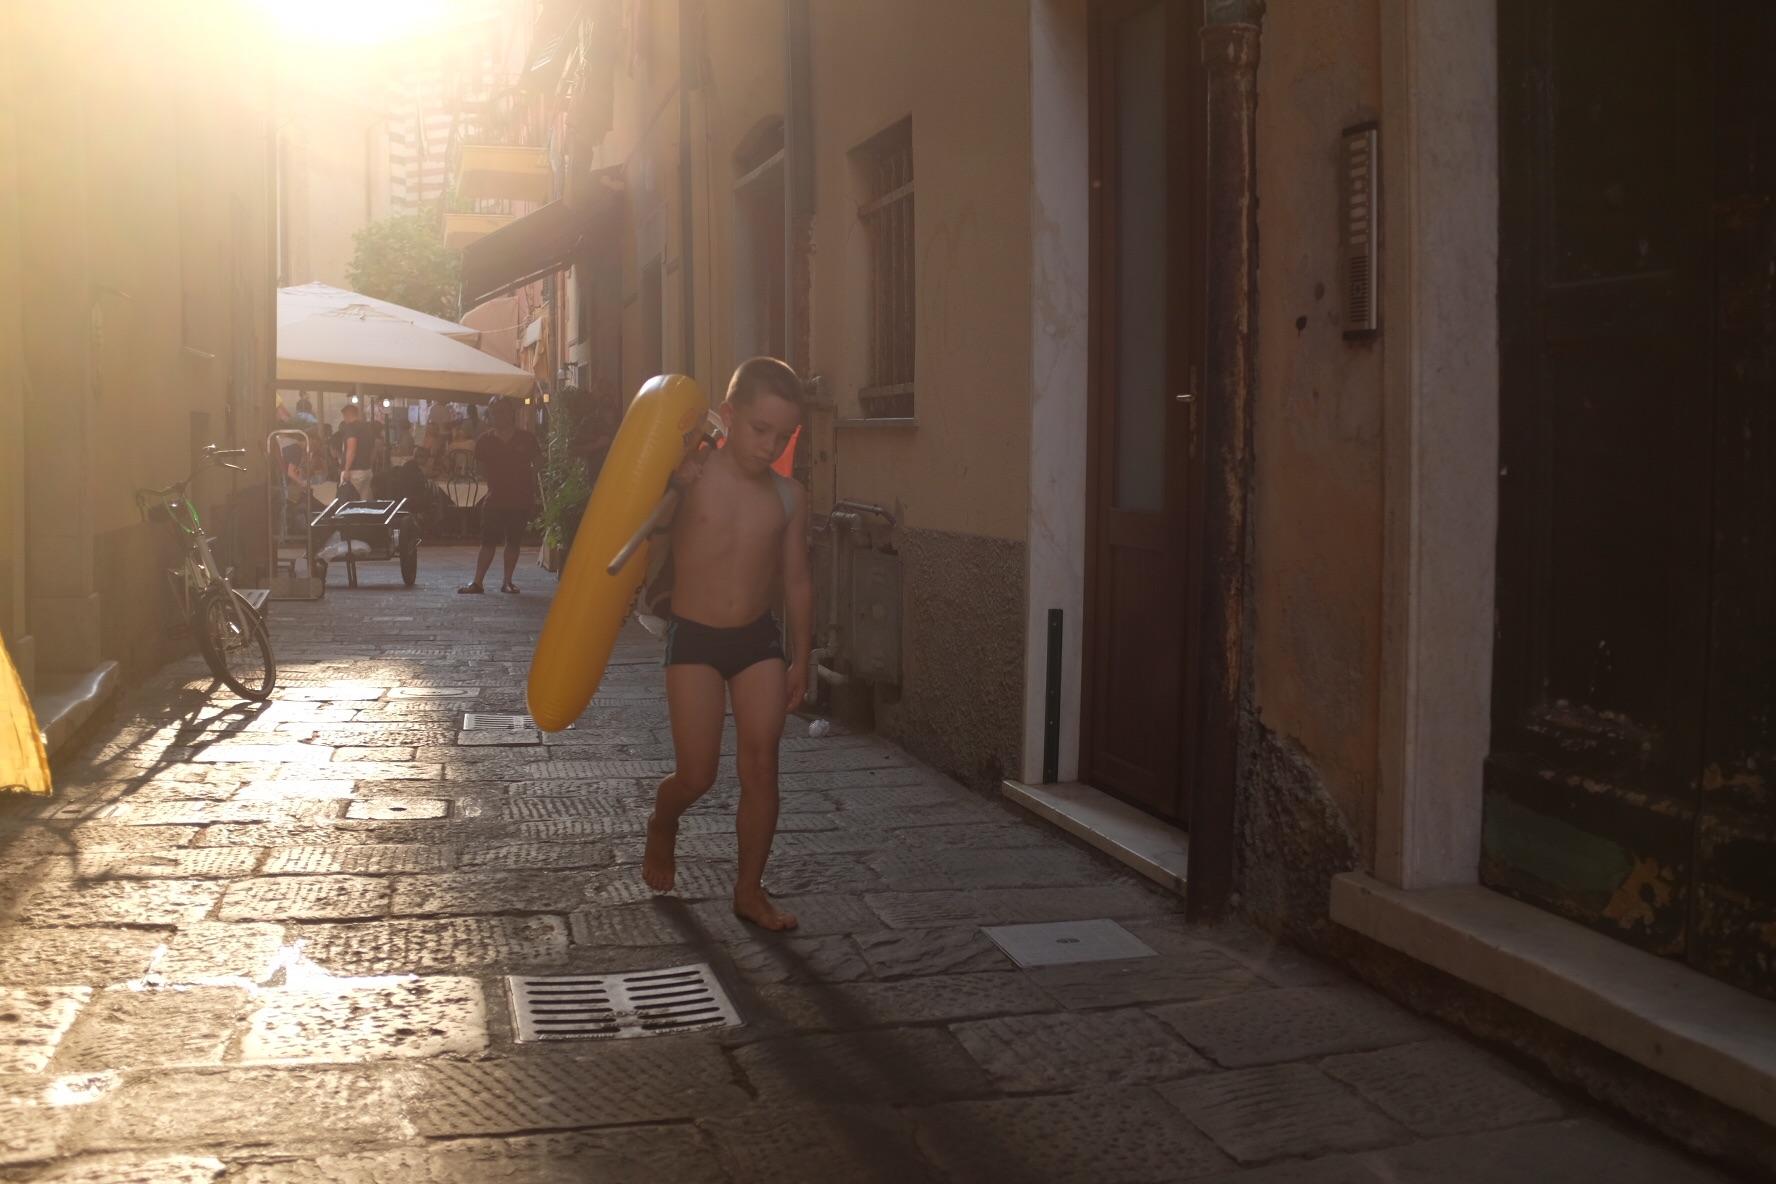 Kid running with innertube